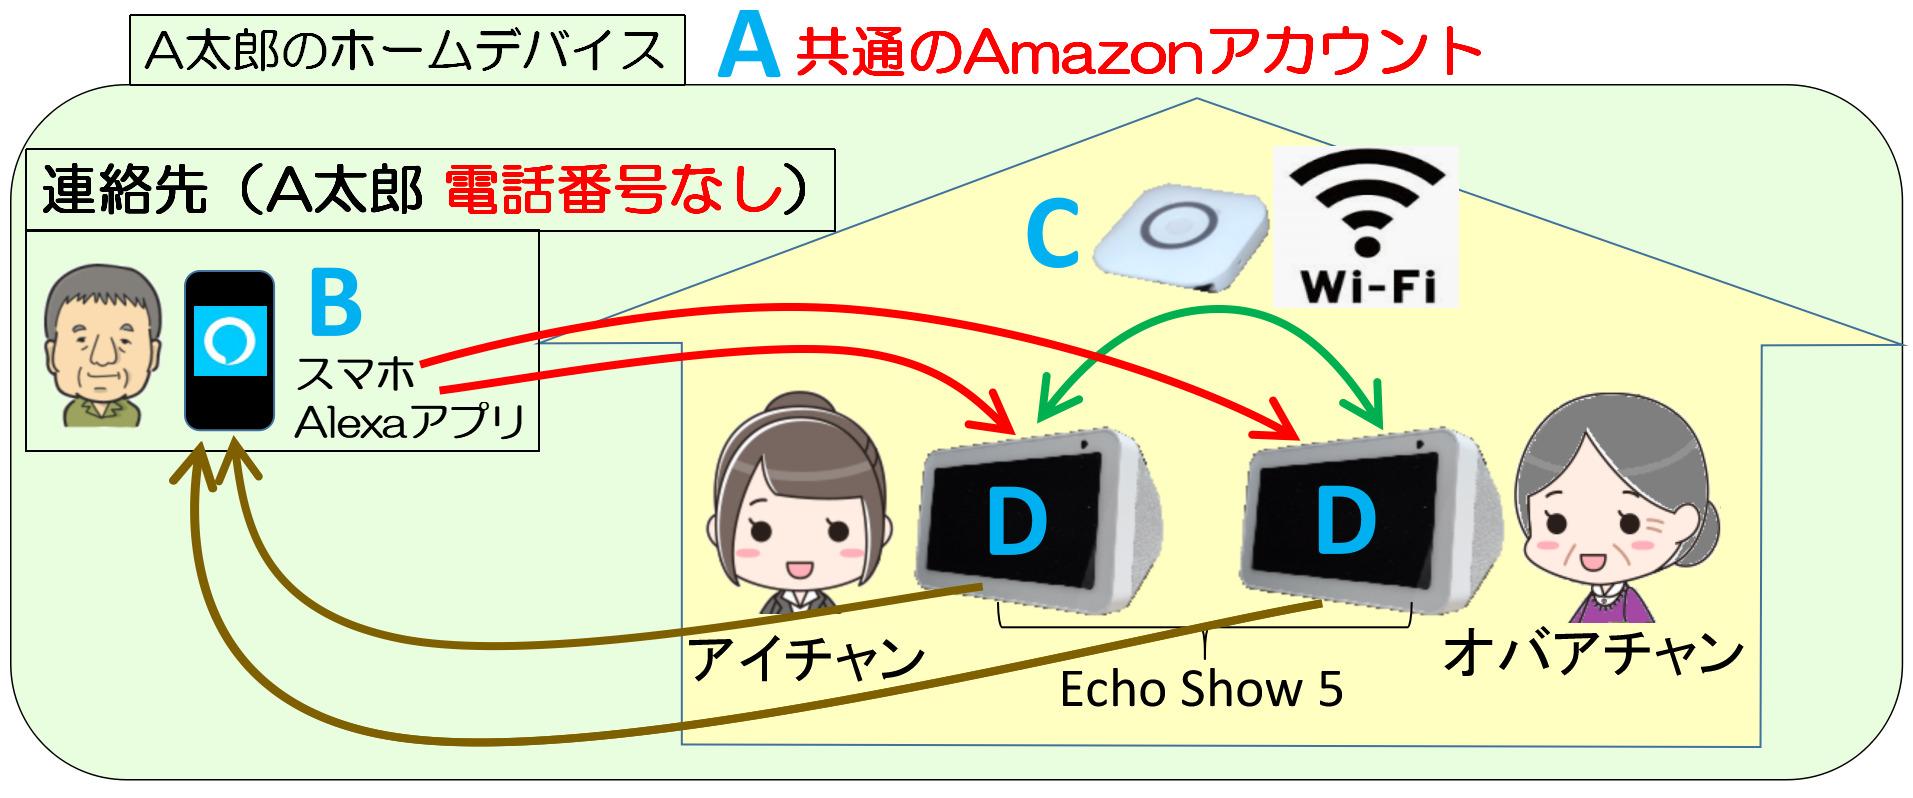 ホームデバイス内でEcho Show 5を同じWiFi環境下で使う環境